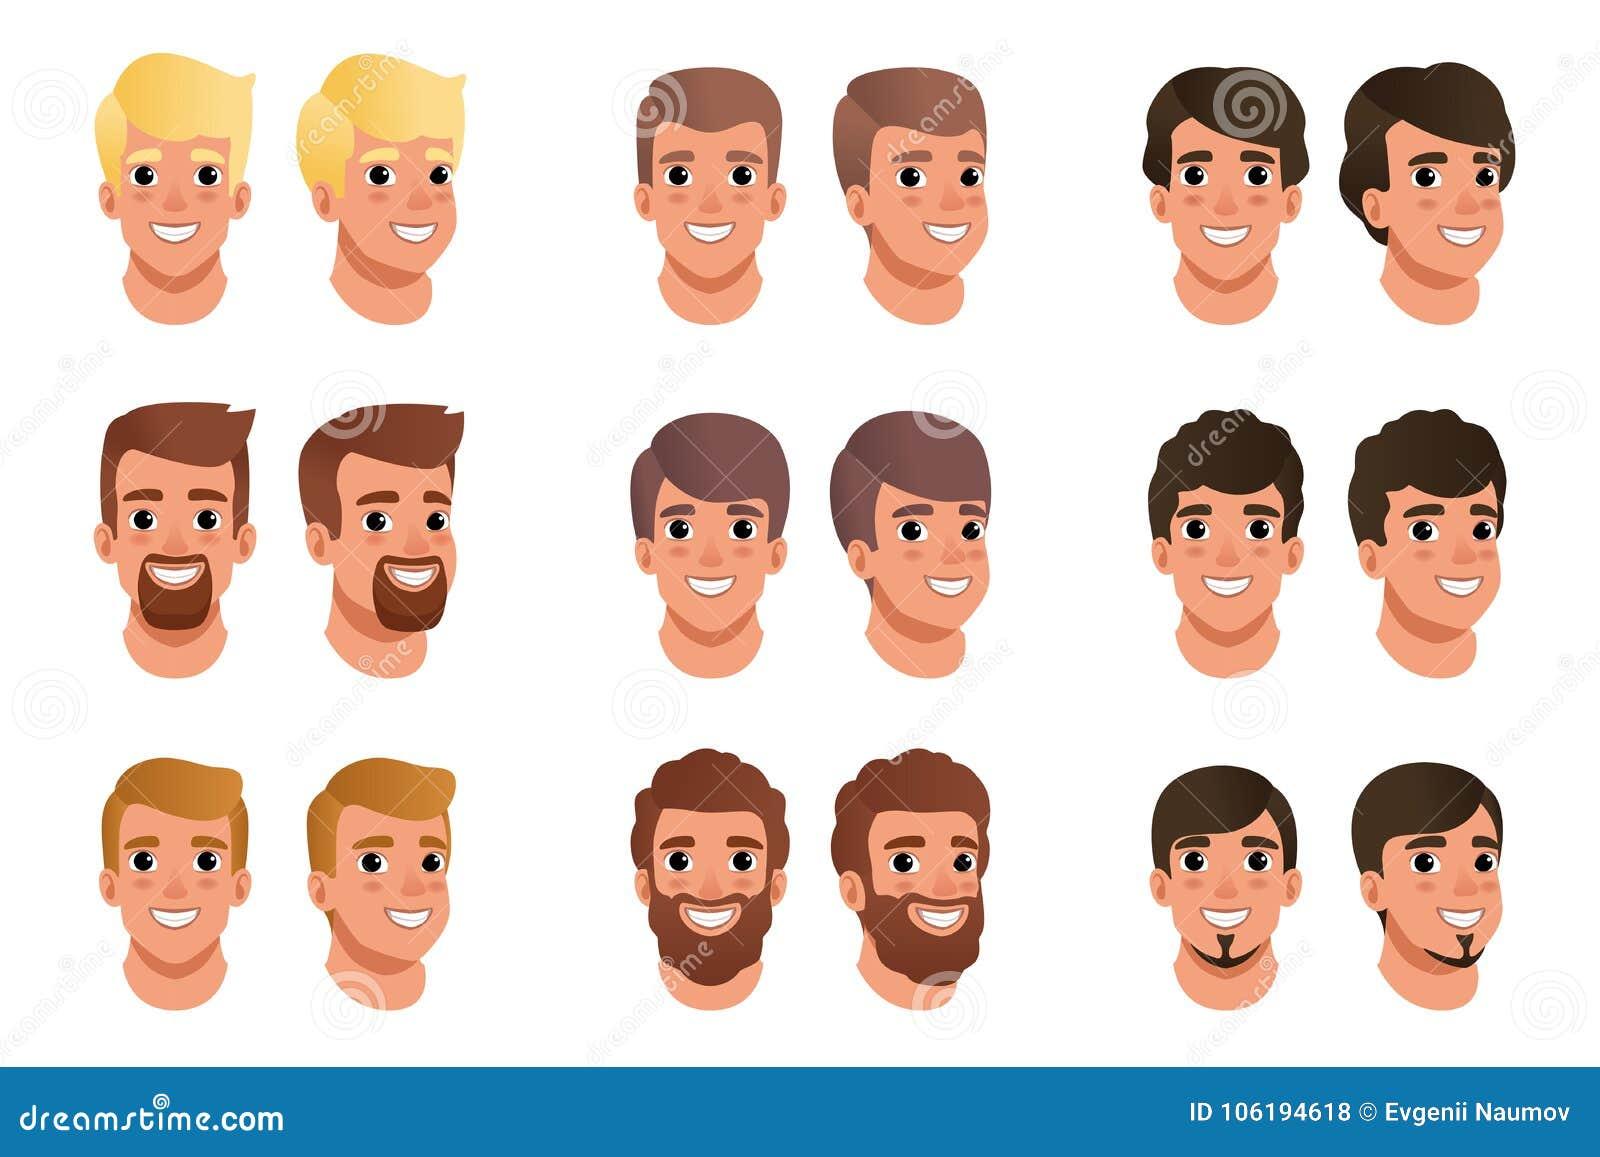 Karikatur Gelegt Von Den Mannavataras Mit Verschiedenen Frisuren